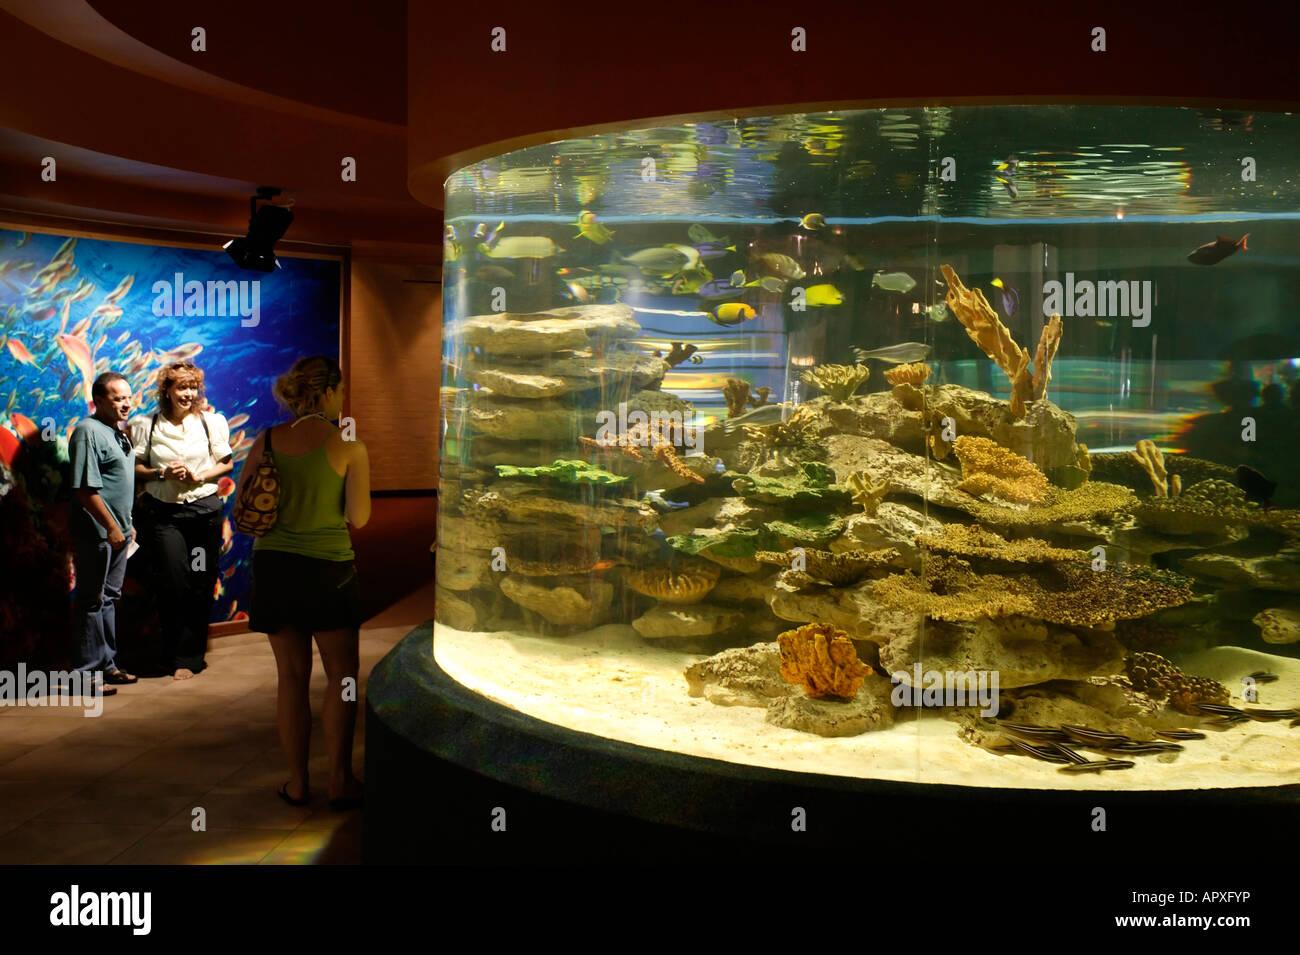 Freshwater aquarium fish cape town - Stock Photo The Two Oceans Aquarium In Cape Town